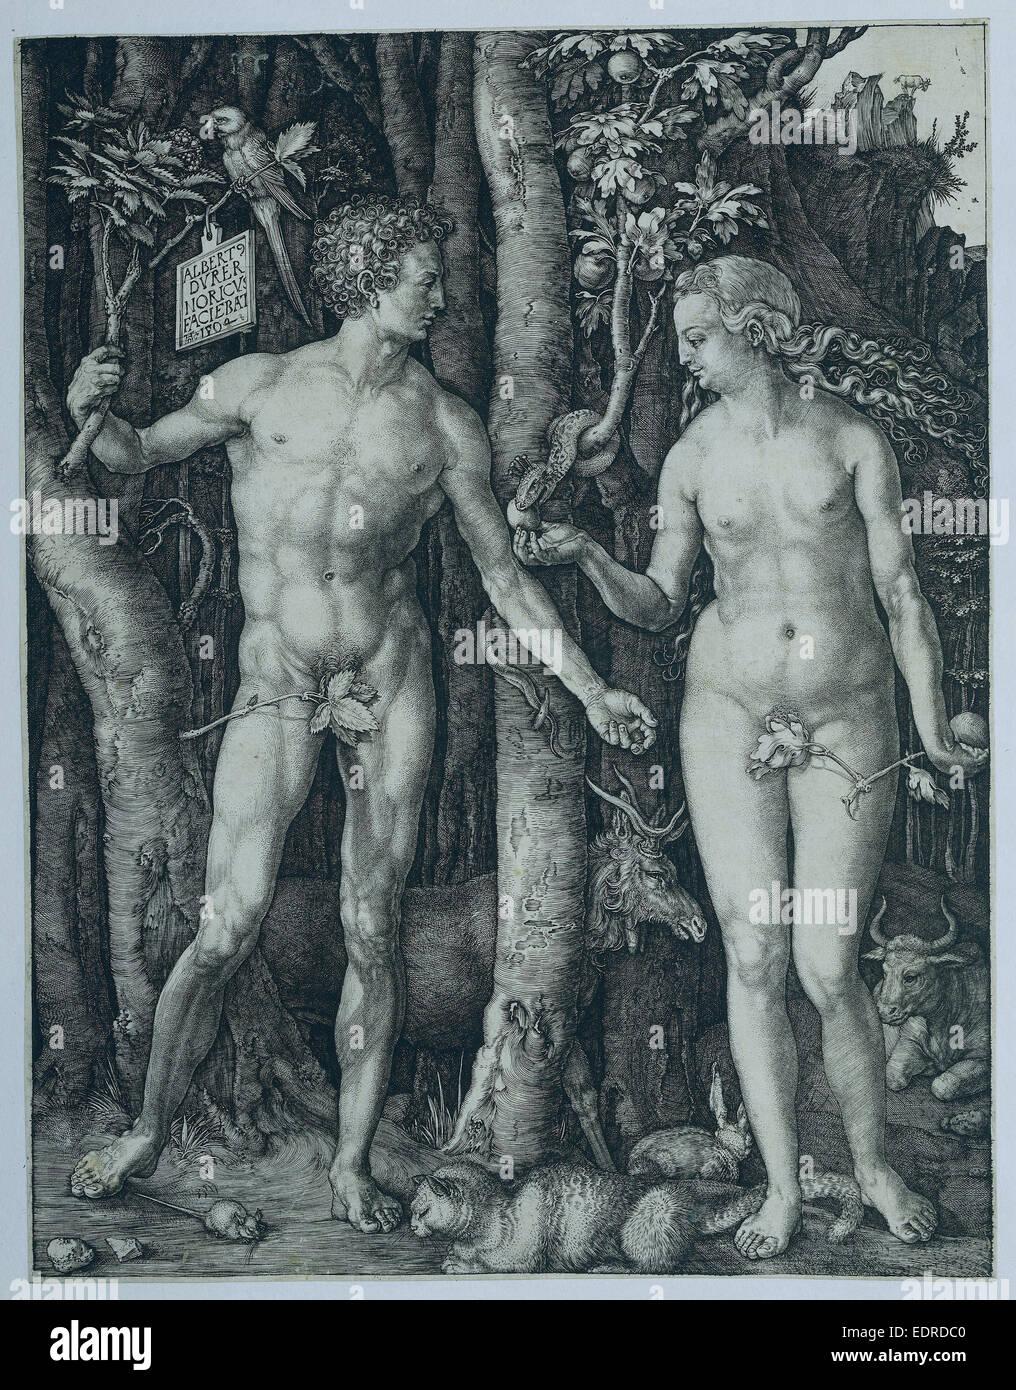 Adam und Eva, Albrecht Dürer 1504 Stockbild